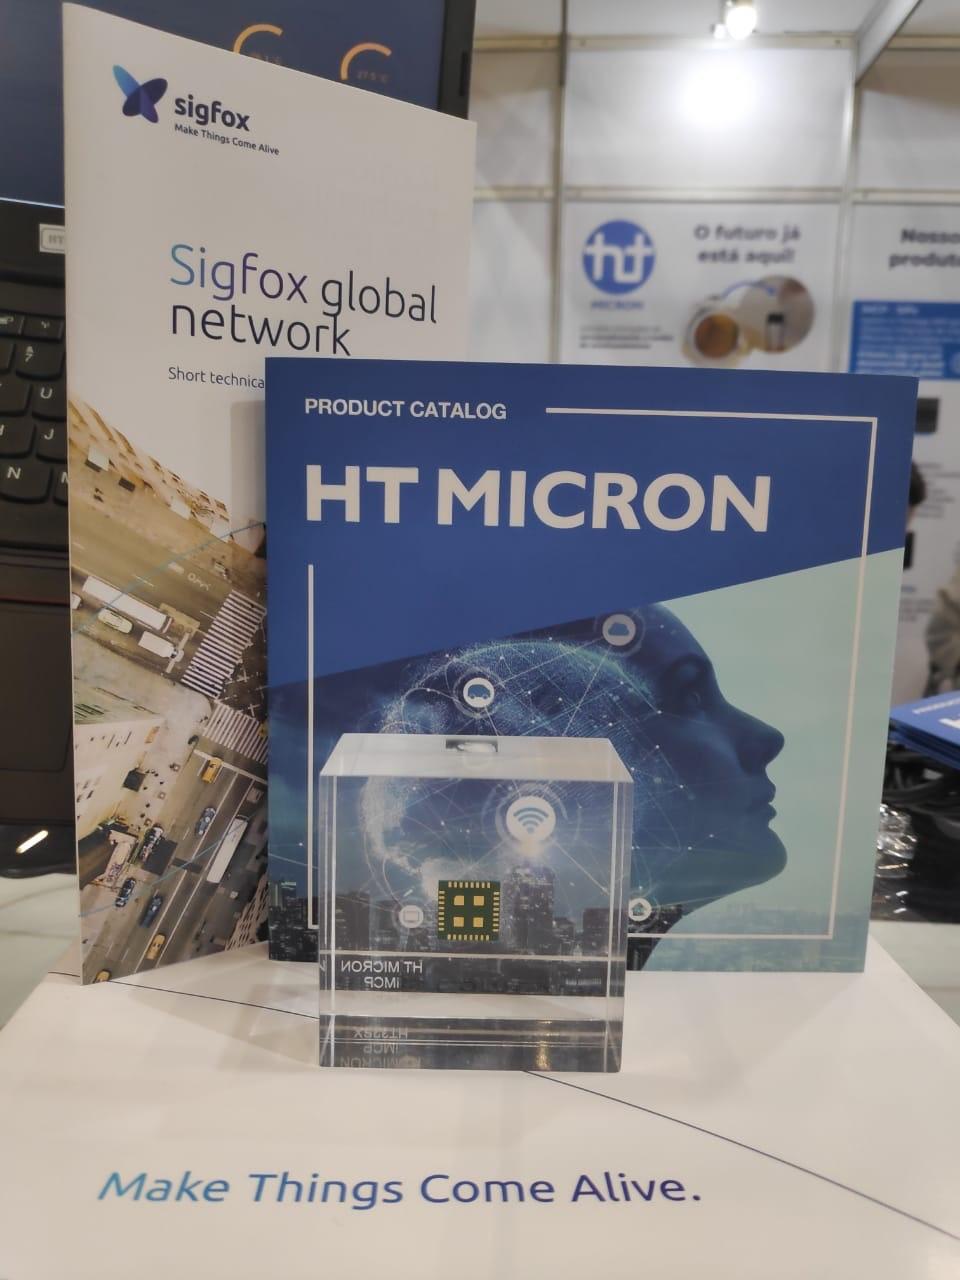 HT Micron lança o primeiro chip nacional para Internet das Coisas protocolado via @Sigfox durante evento em São Paulo